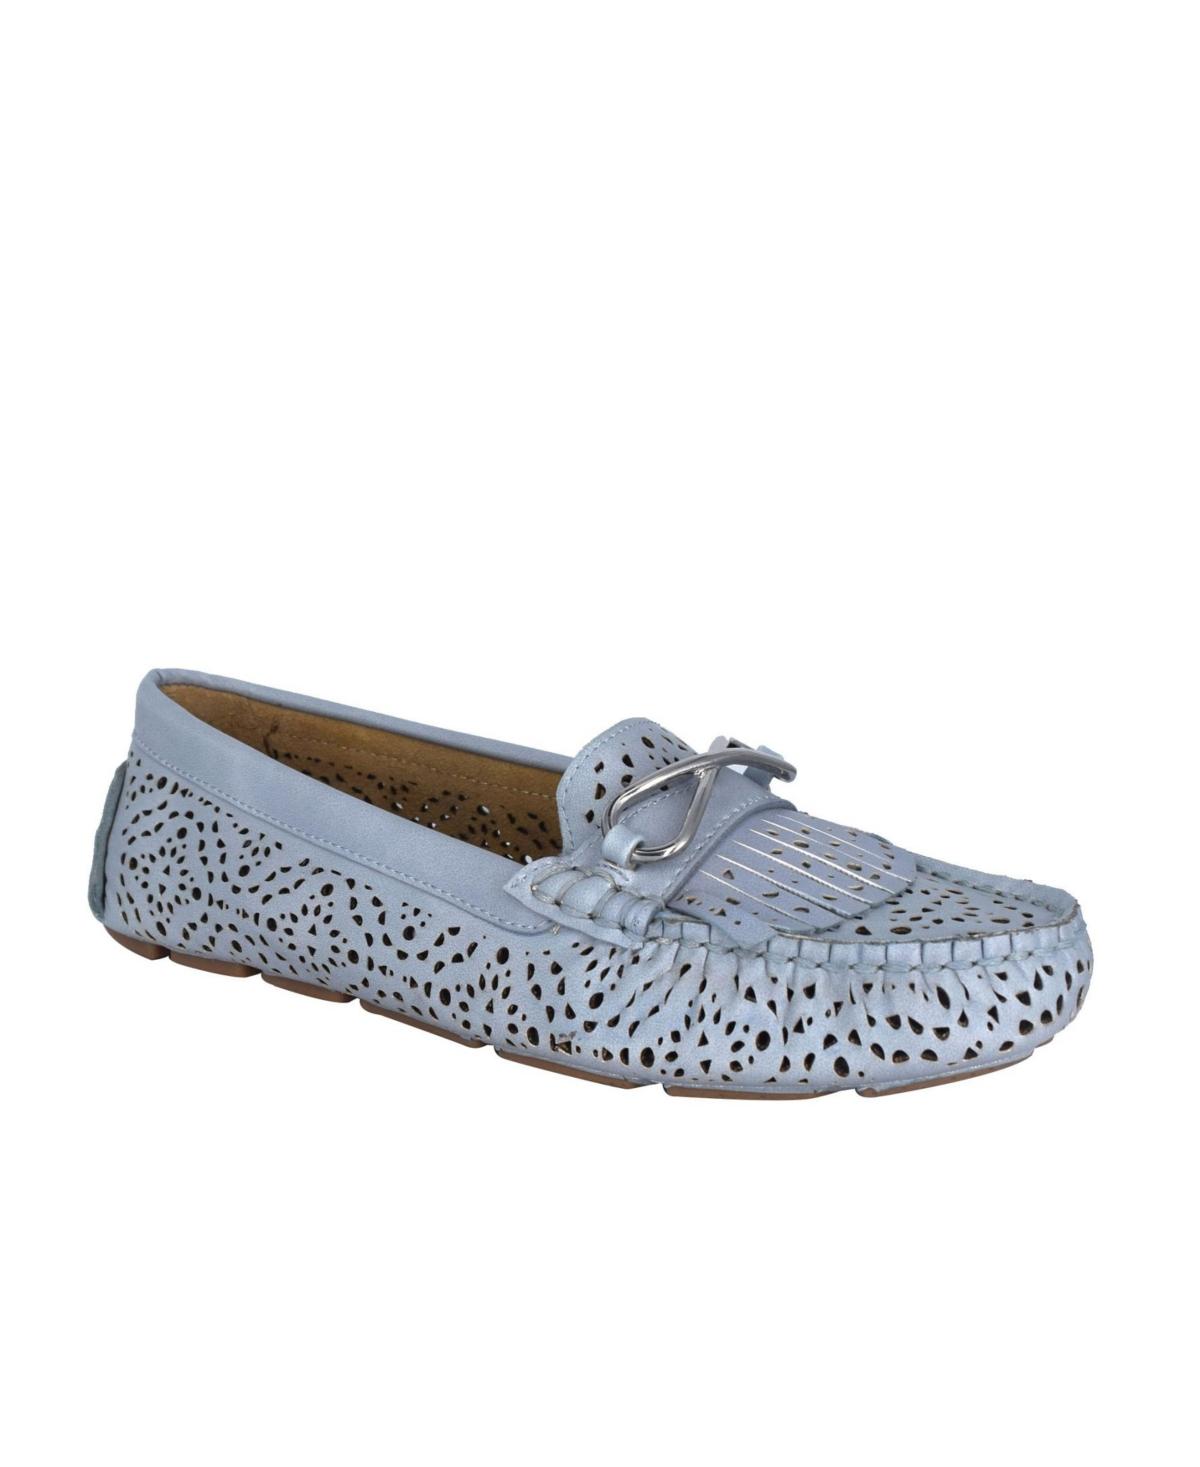 Impo Women's Cassie Laser Cut Memory Foam Loafer Women's Shoes